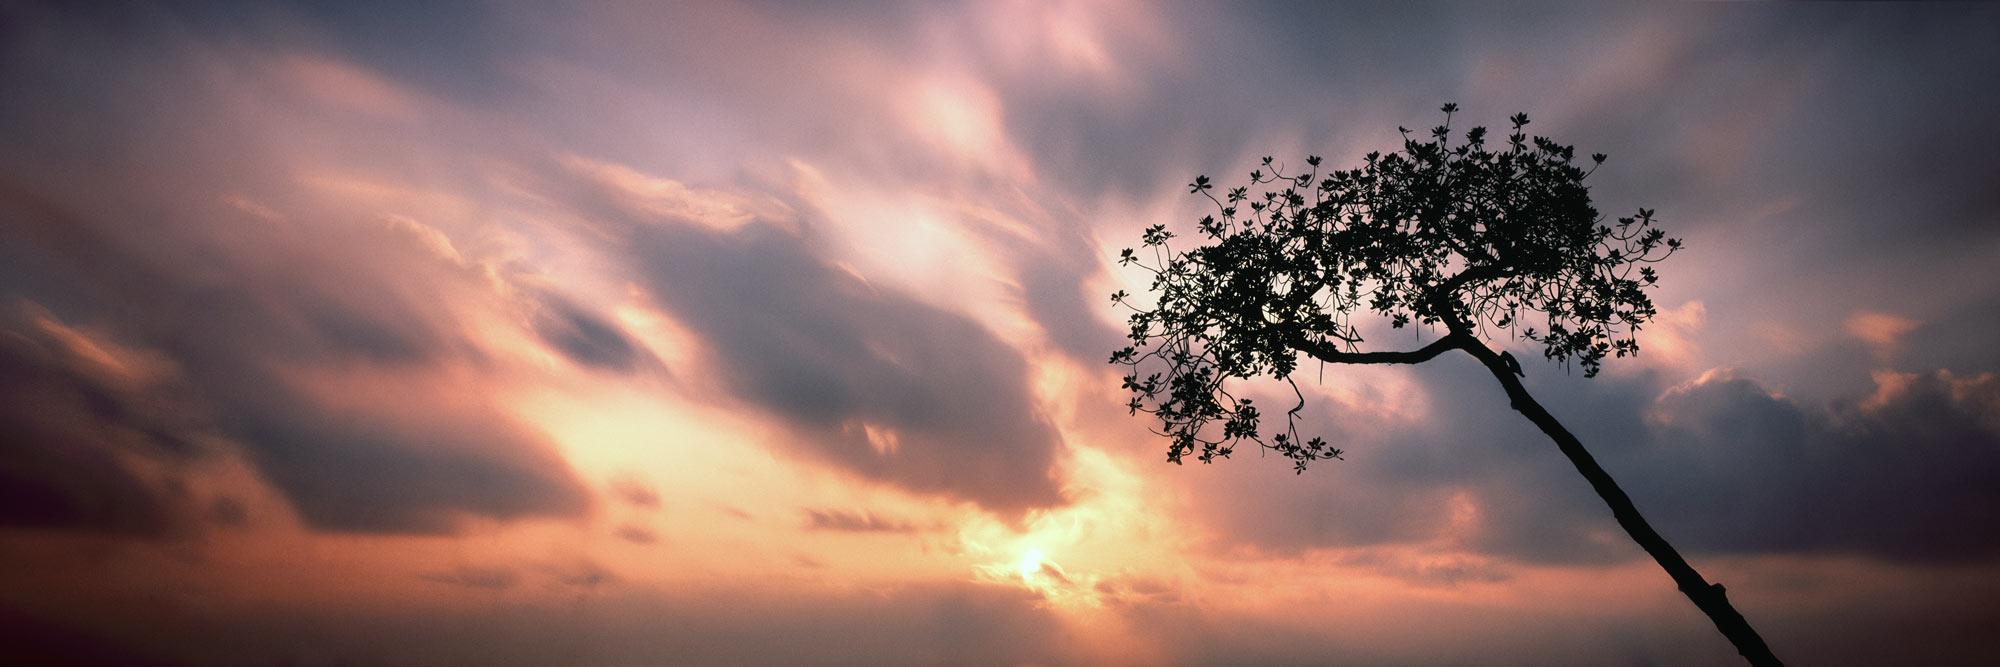 Fiery skies sunrise